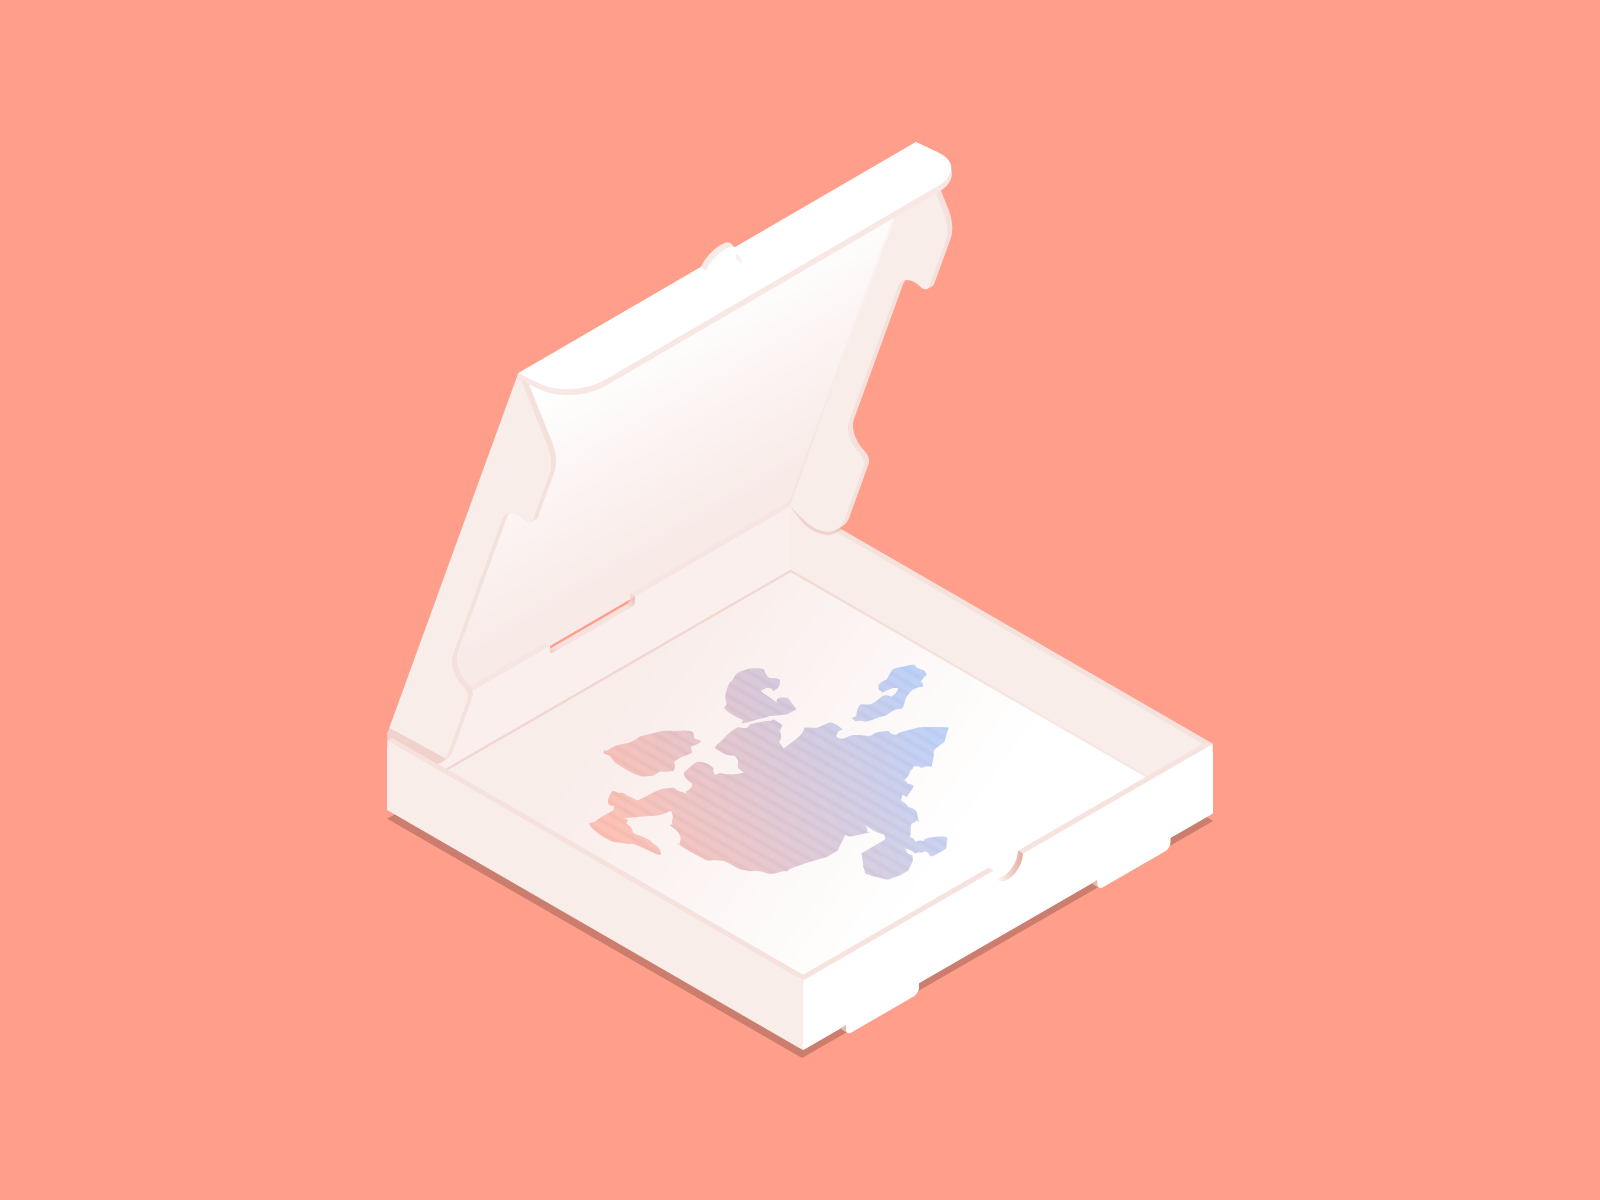 Toxipizza gradient isometric illustration isometric inktober2018 inktober fast food pizza box pizza